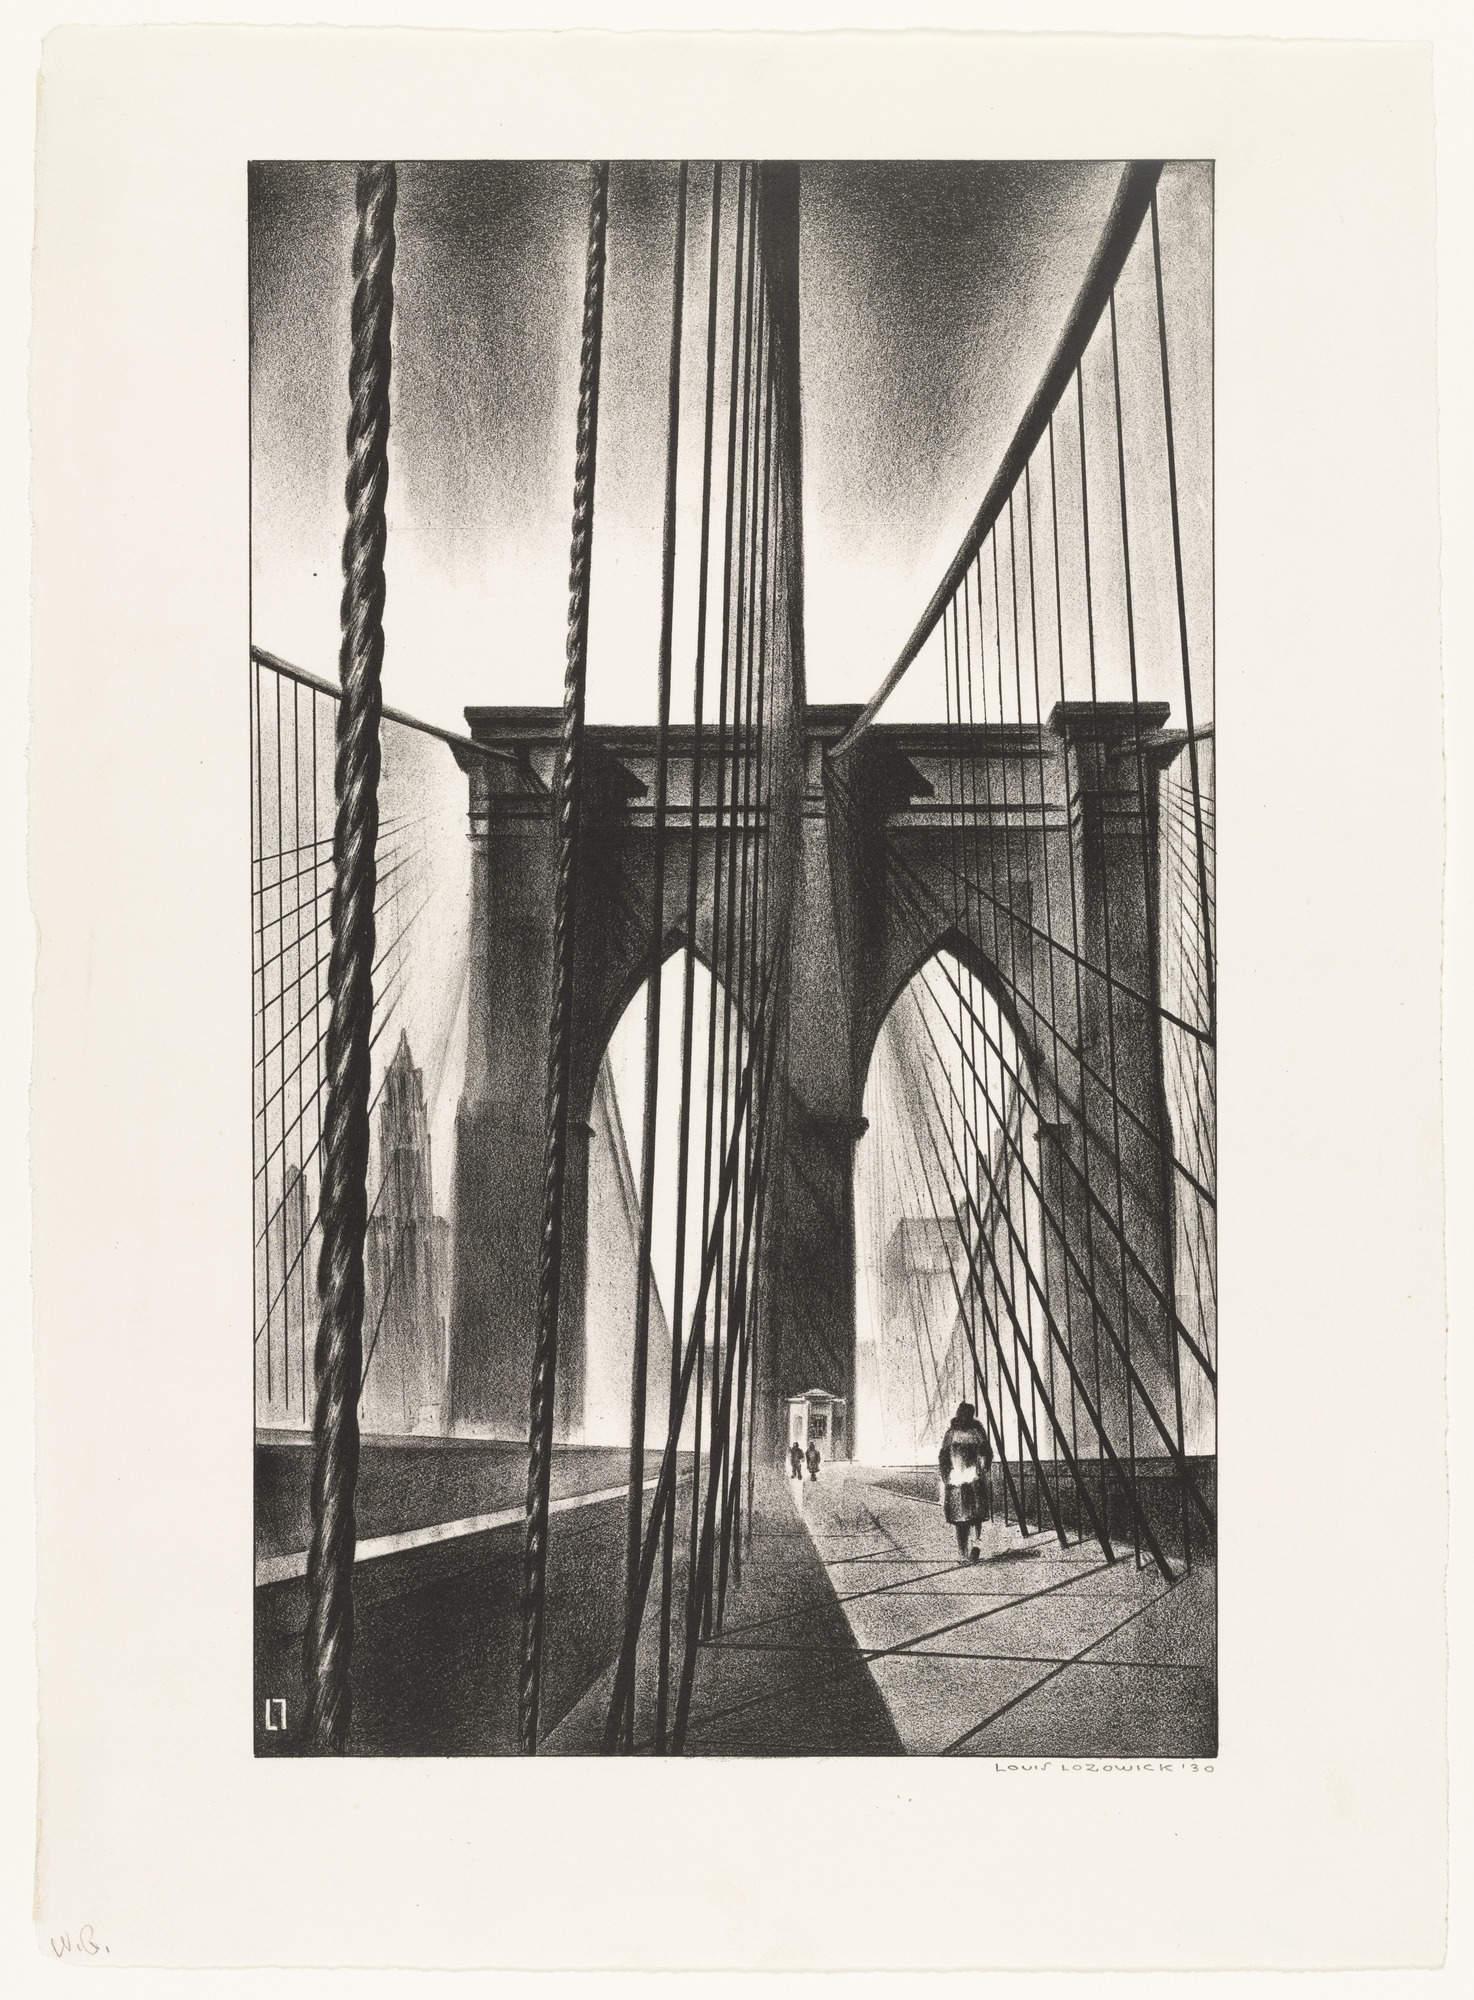 Louis Lozowick Brooklyn Bridge 1930